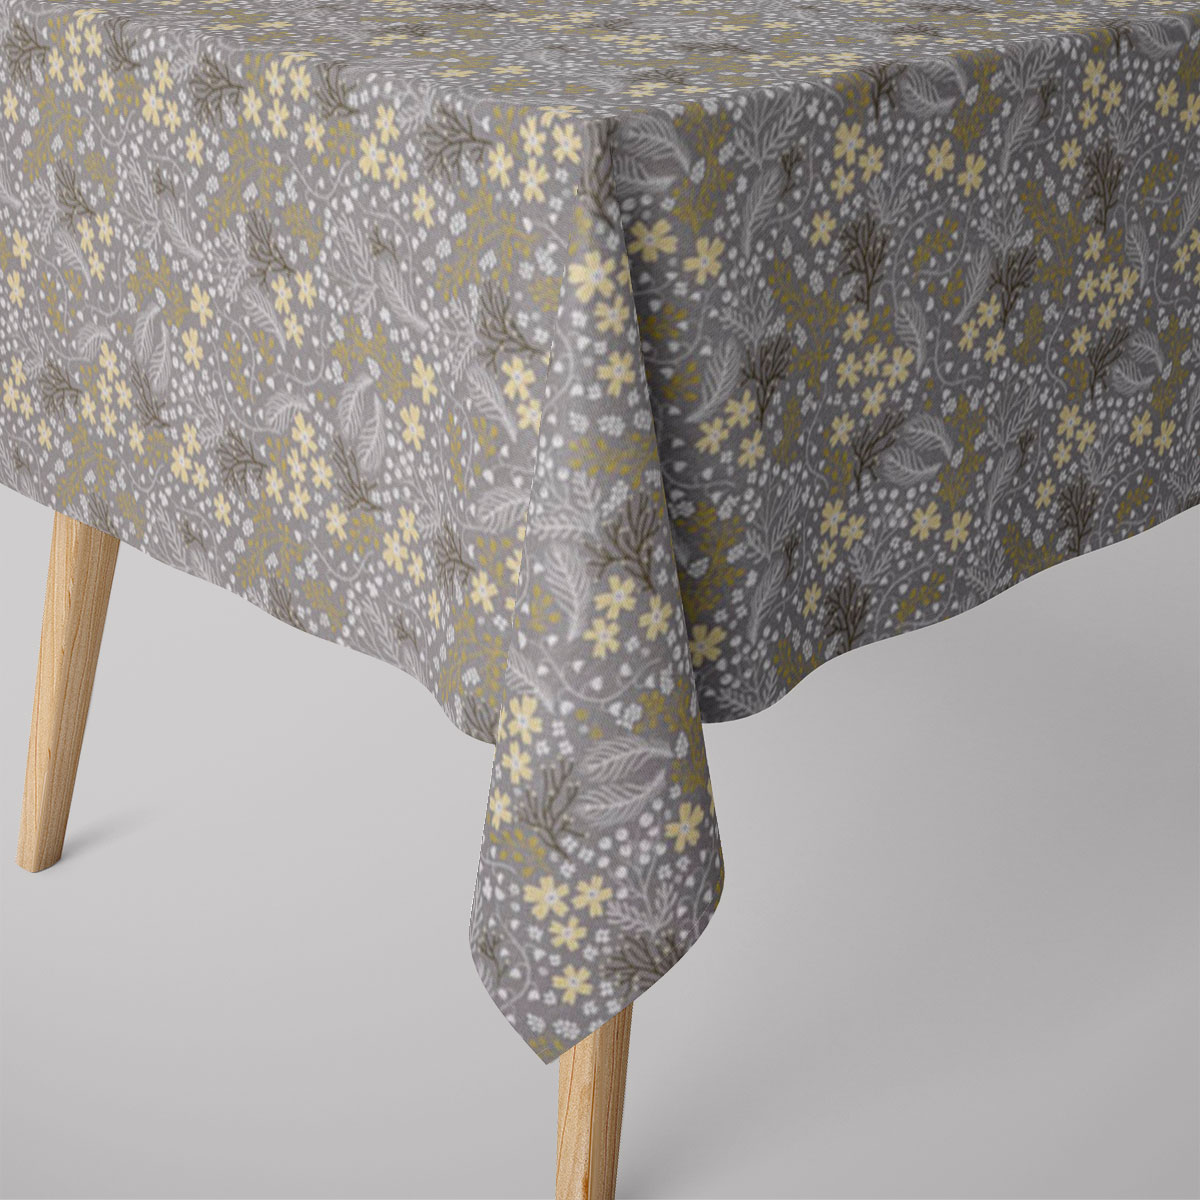 SCHÖNER LEBEN. Tischdecke Blumen Gräser grau gelb verschiedene Größen